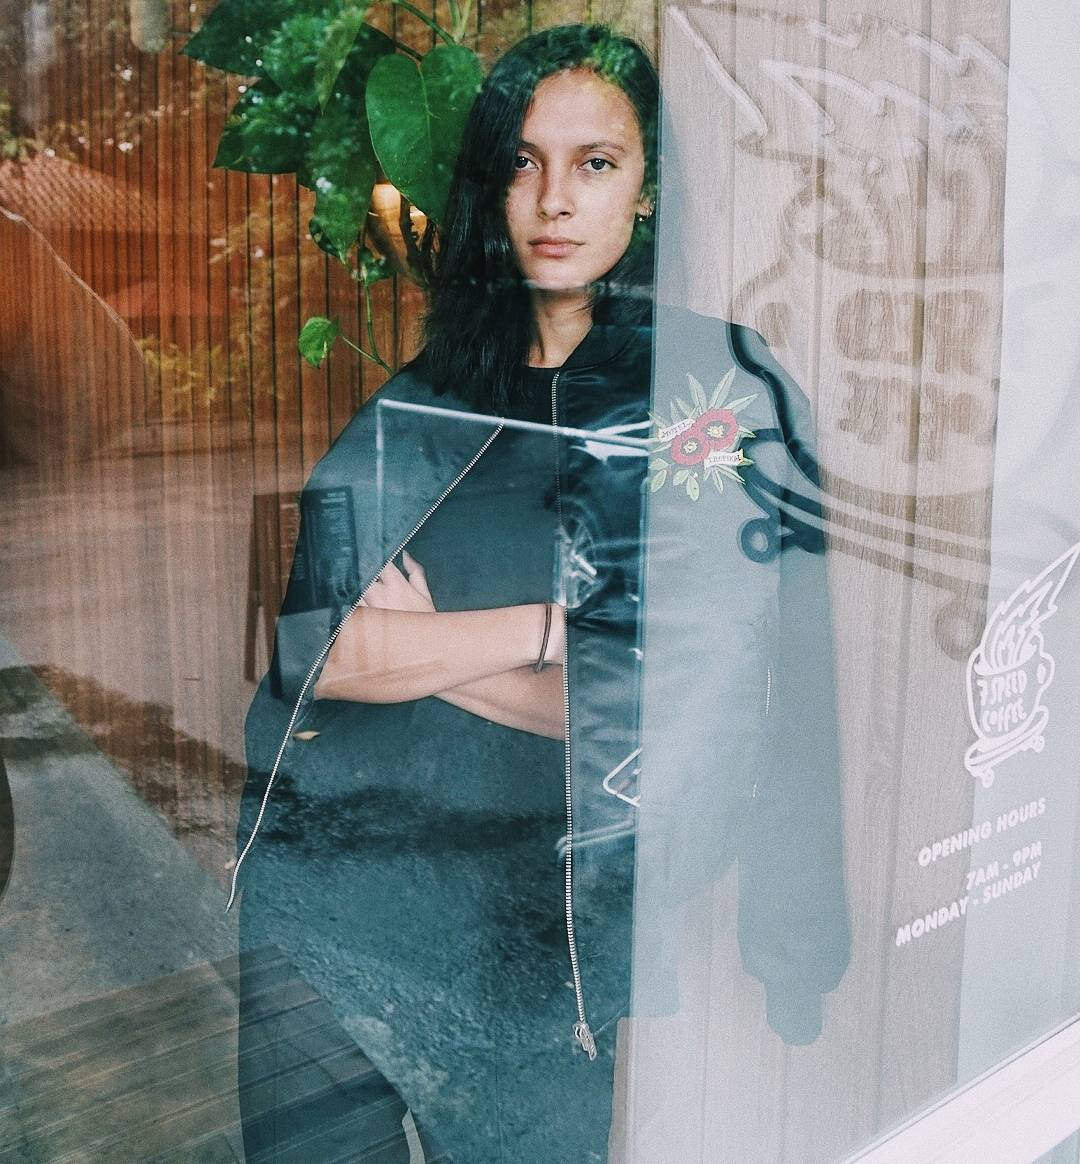 Profil Model Widika Sidmore, Model Indonesia Berwajah Bule